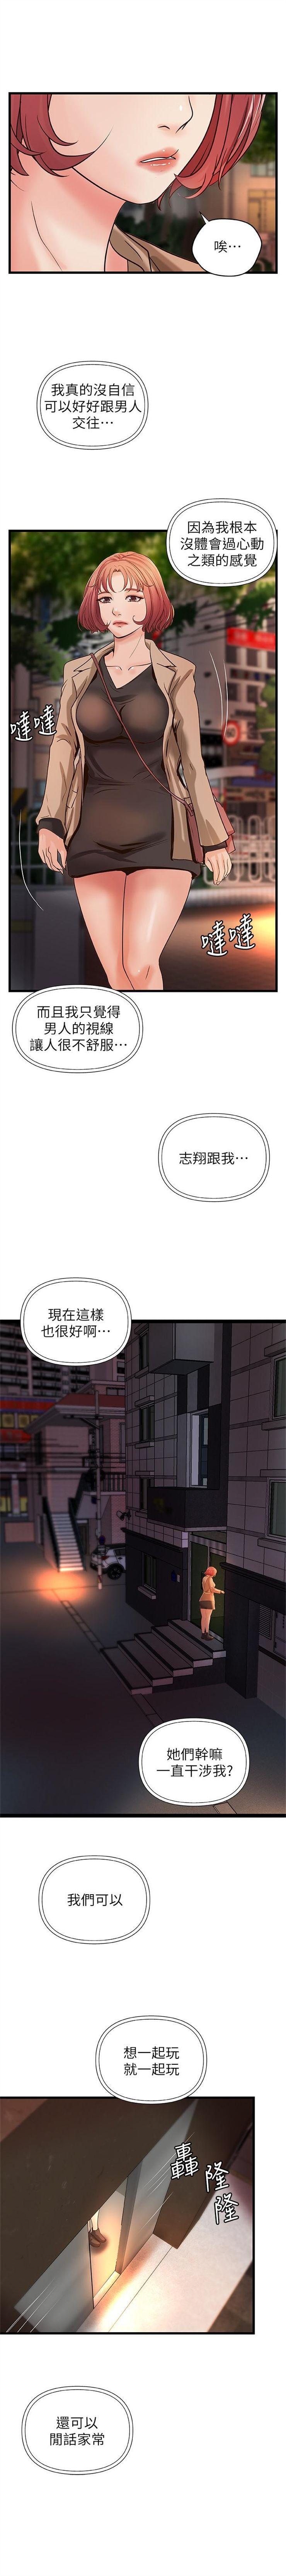 御姐的實戰教學 1-27 官方中文(連載中) 174